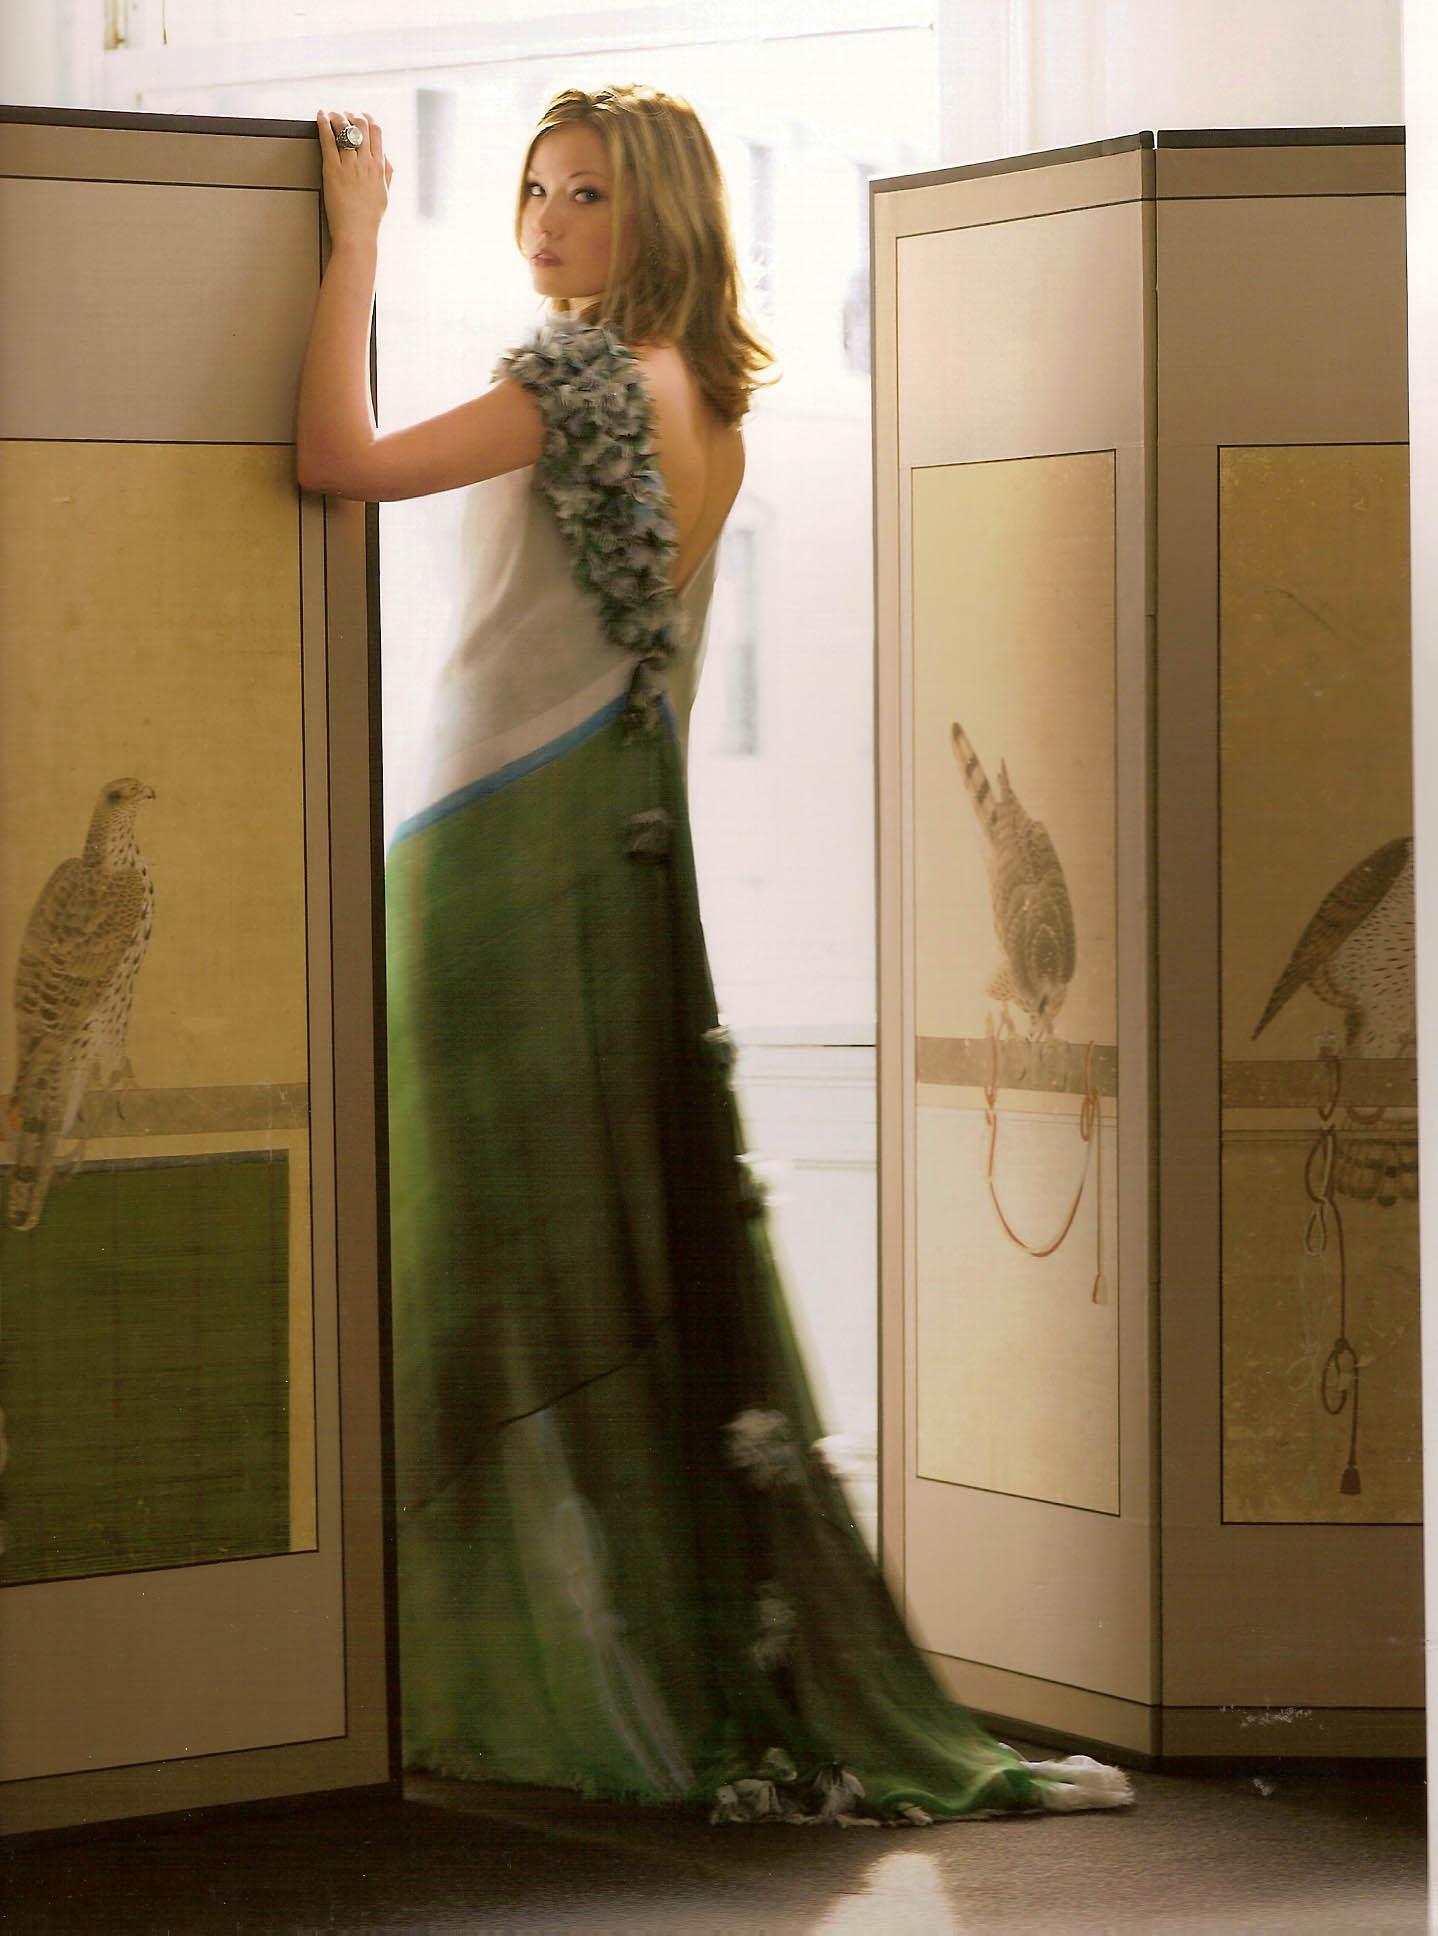 Стефания бруни в частных истории 14 фотография